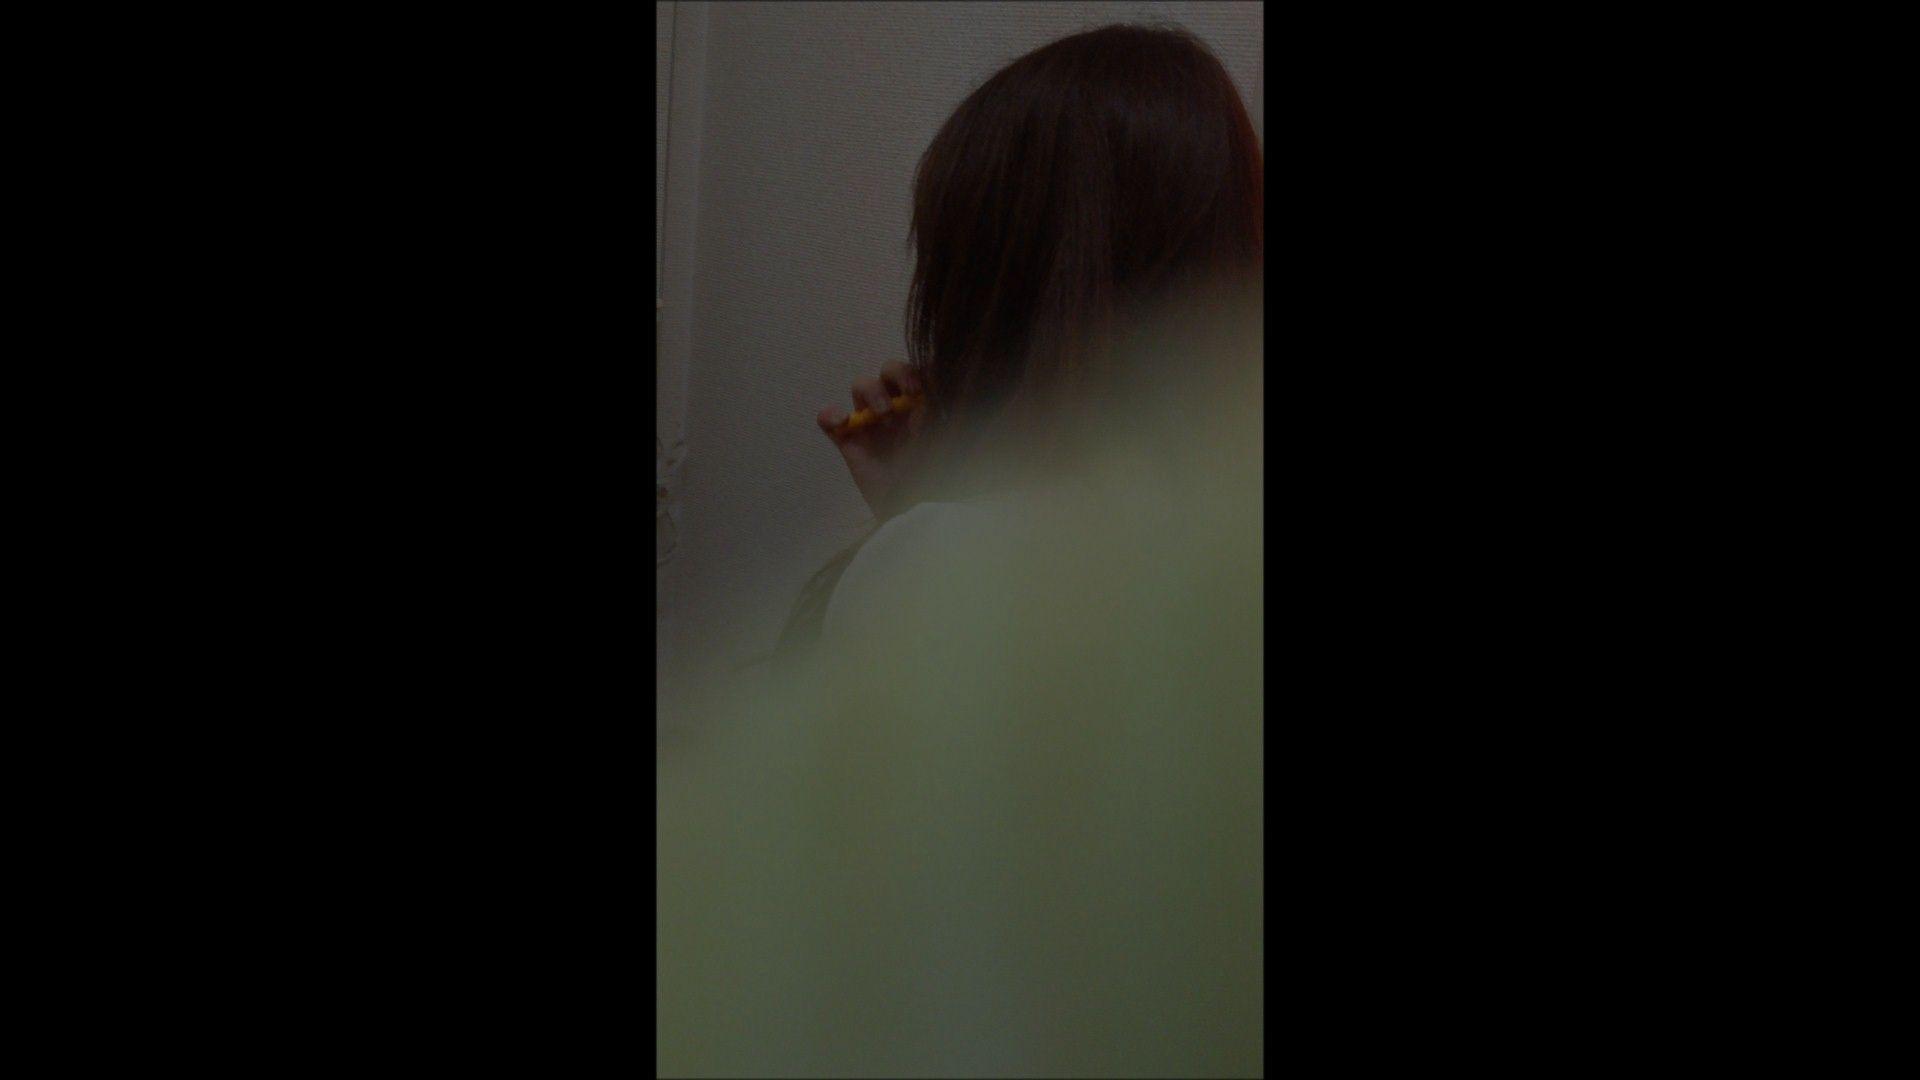 08(8日目)メイク中の彼女の顔を撮りました! マンコ特集 | オマンコ丸見え  59連発 59